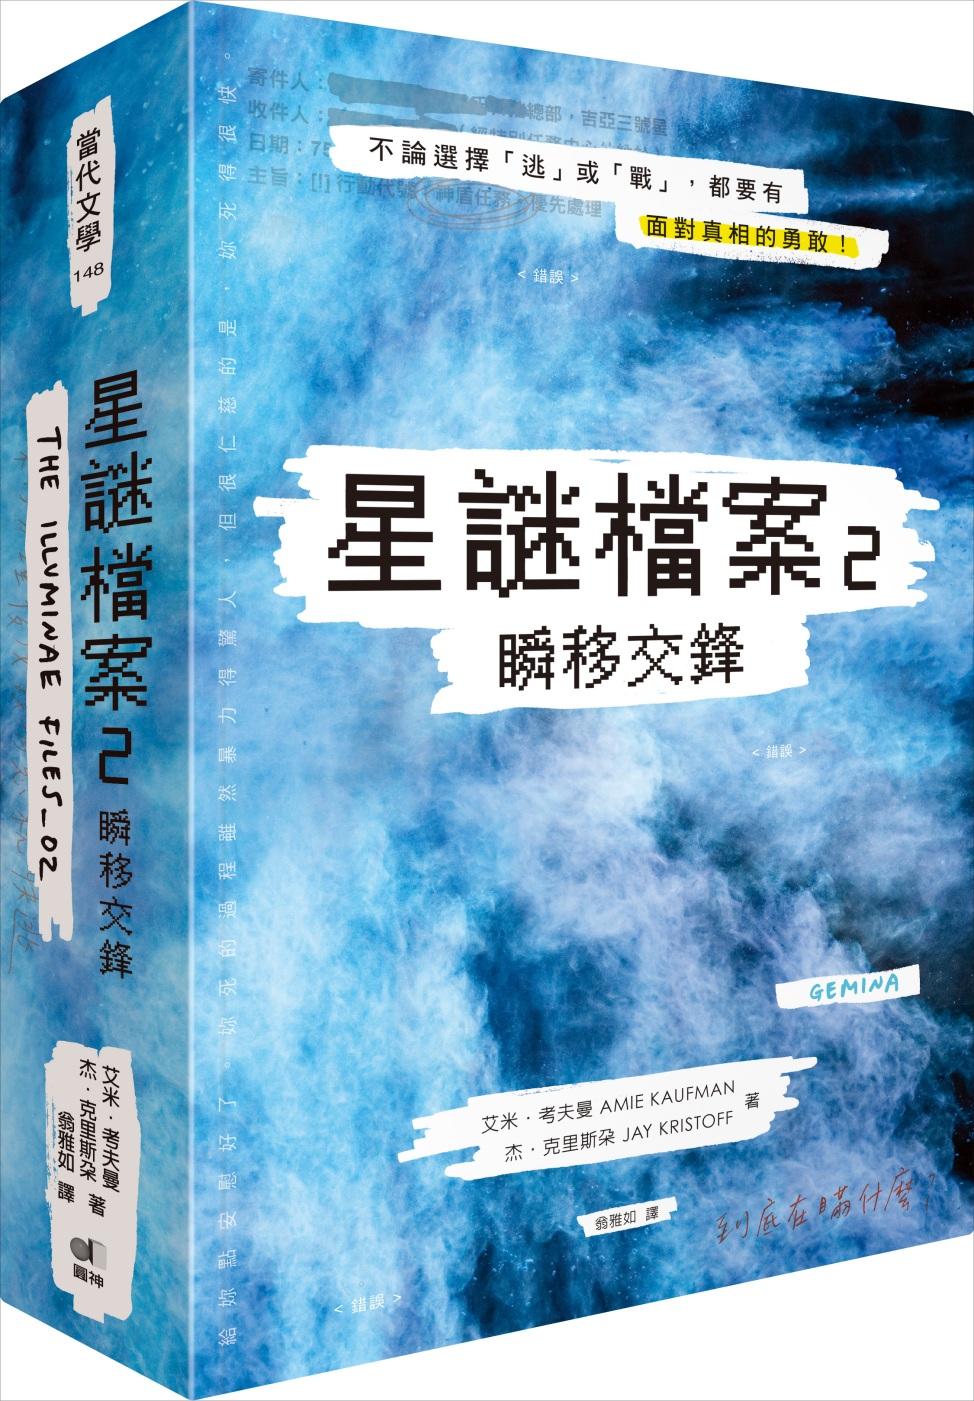 星謎檔案2:瞬移交鋒【燦藍精裝版】